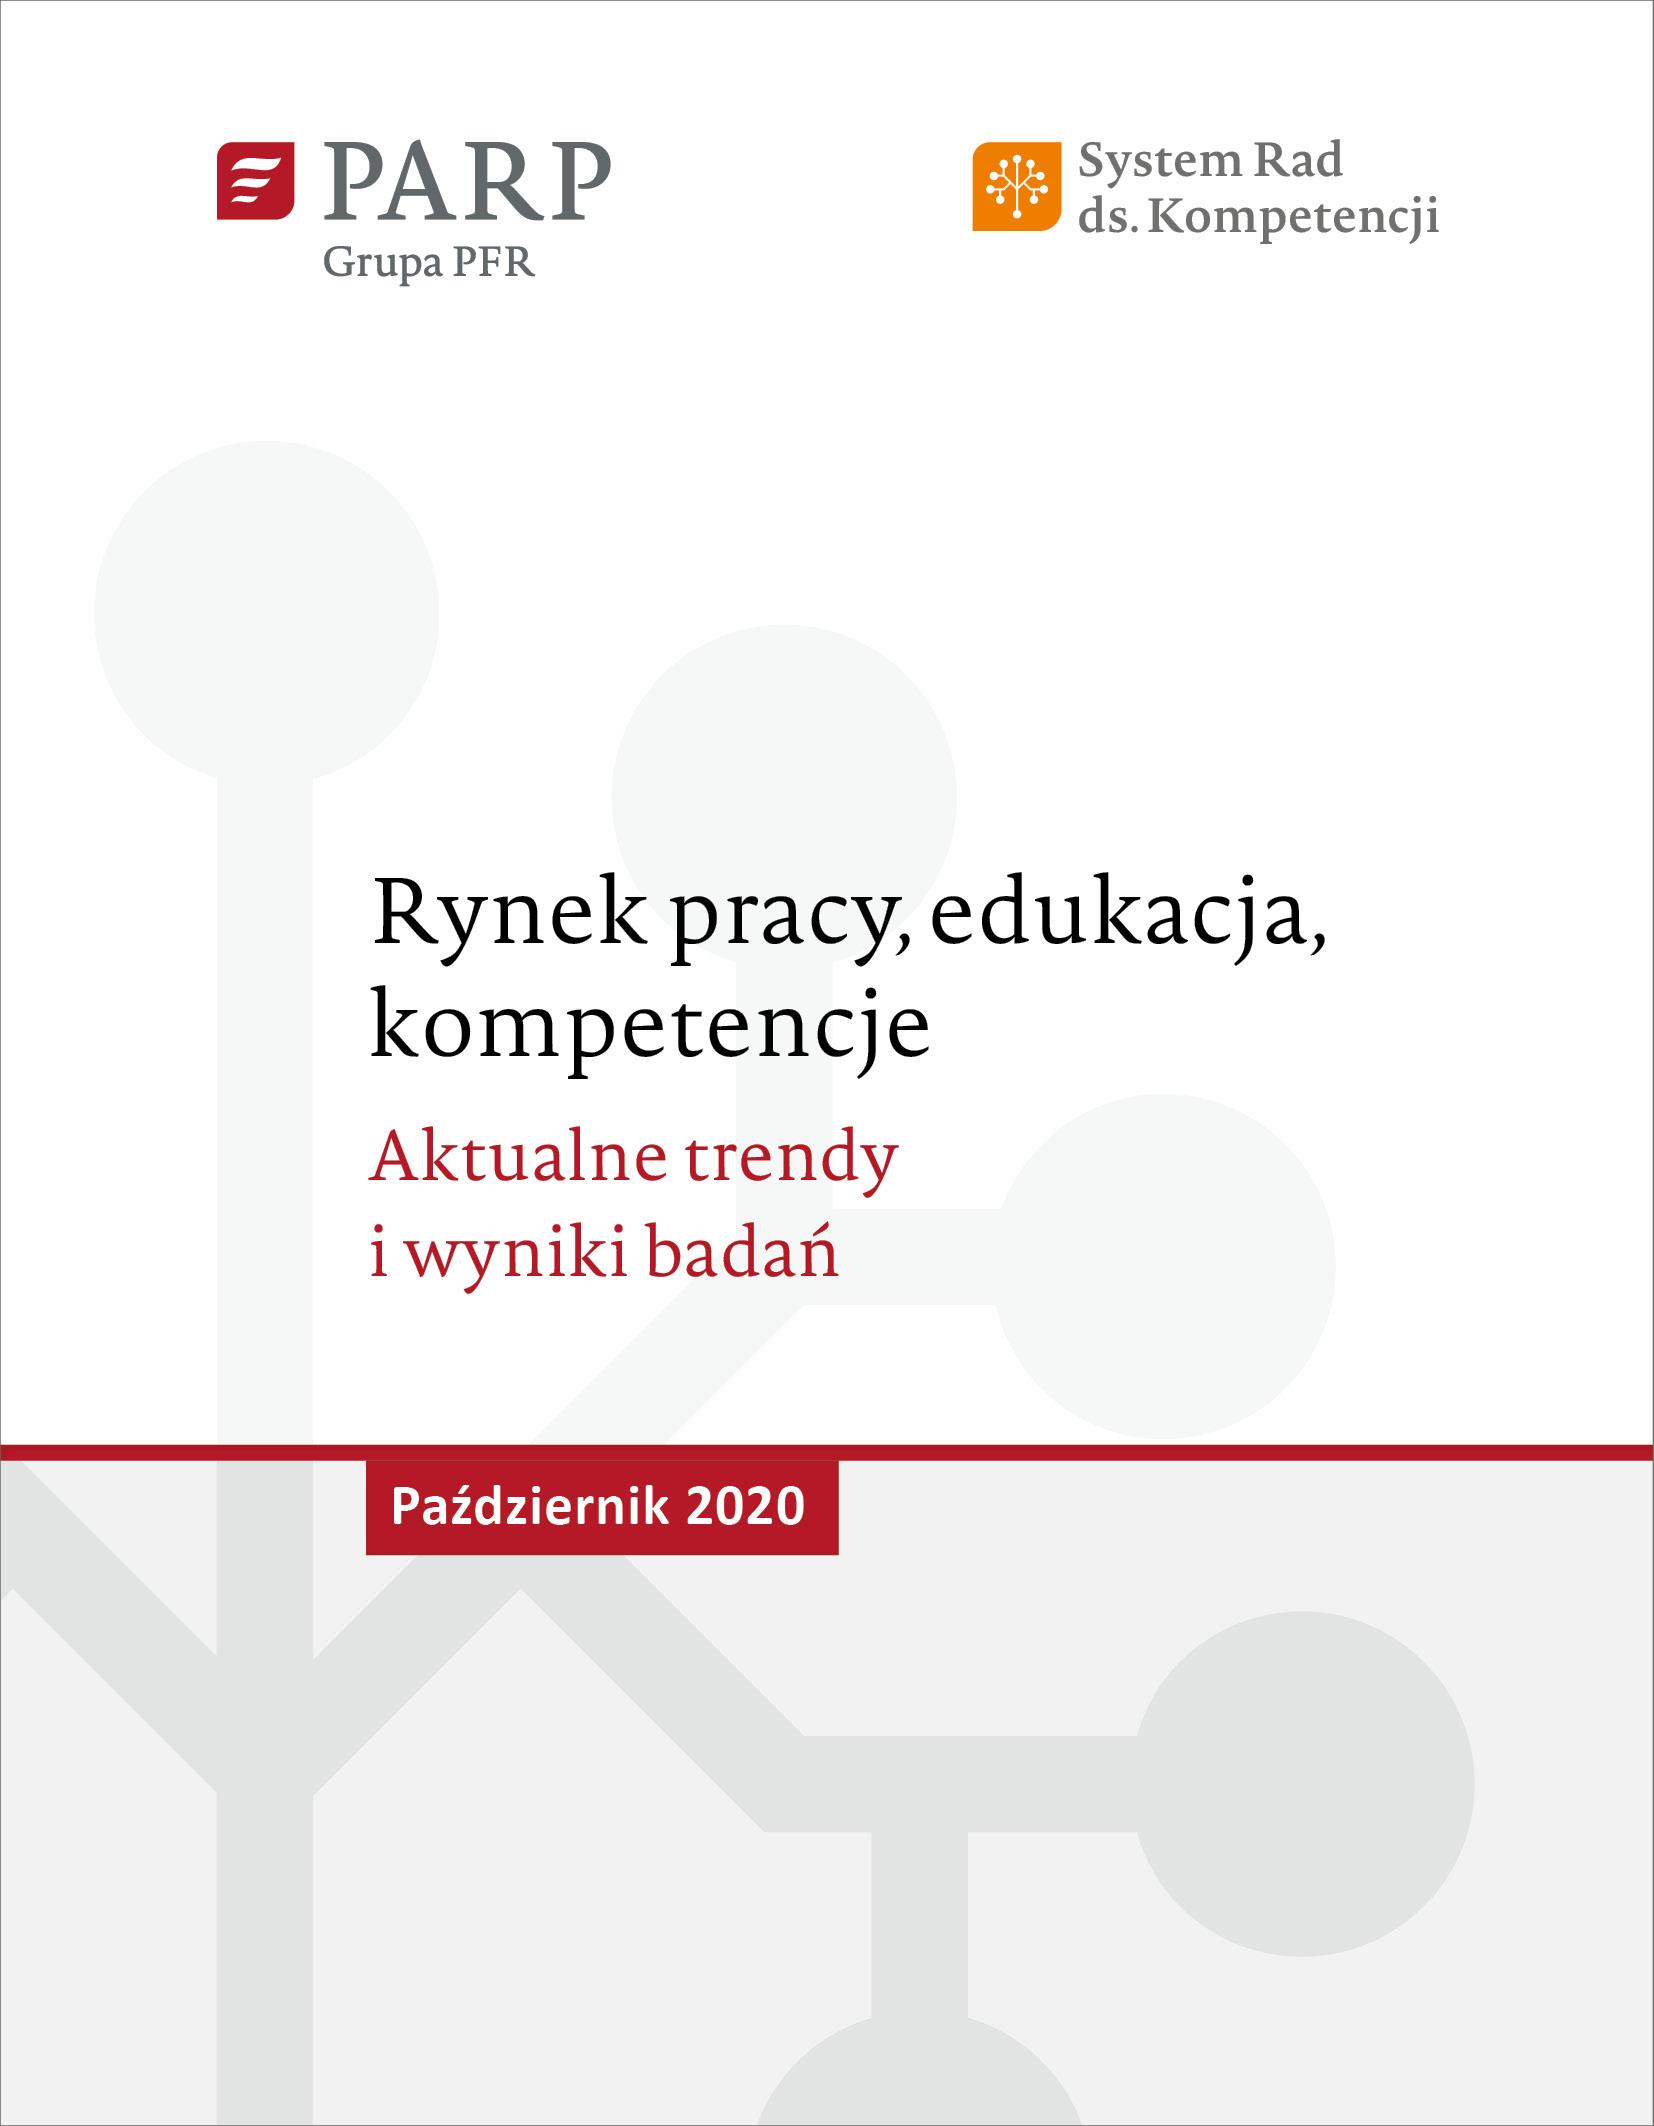 Rynek pracy, edukacja, kompetencje - październik 2020